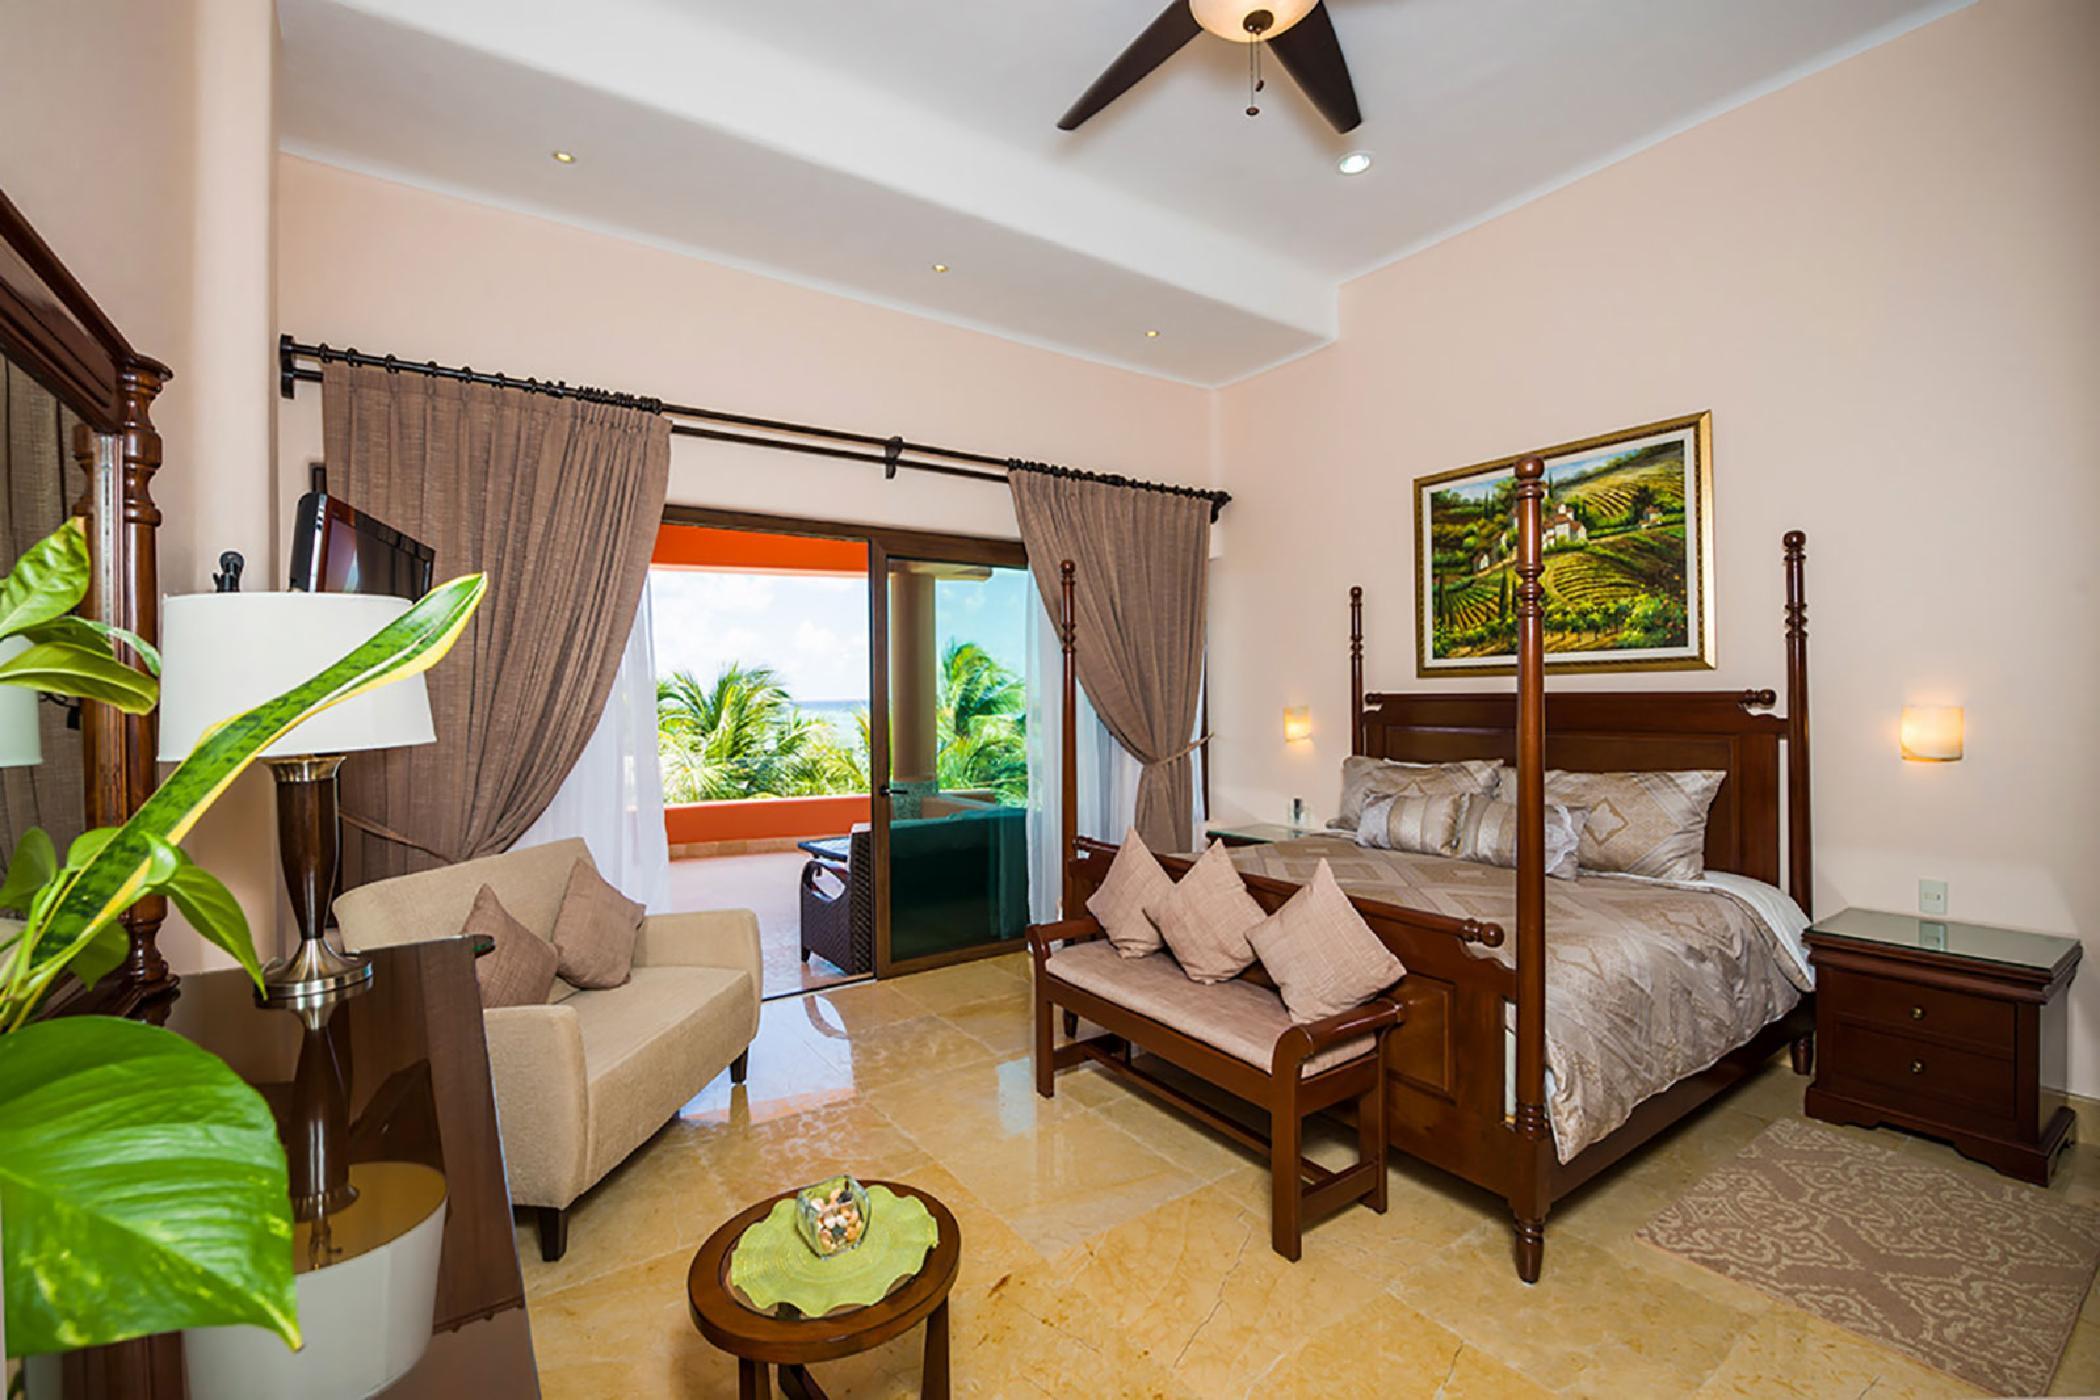 Maya_Luxe_Riviera_Maya_Luxury_Villas_Experiences_Tankah_Bay_Tulum_8_Bedrooms_Cenote_del_Mar_11.jpg